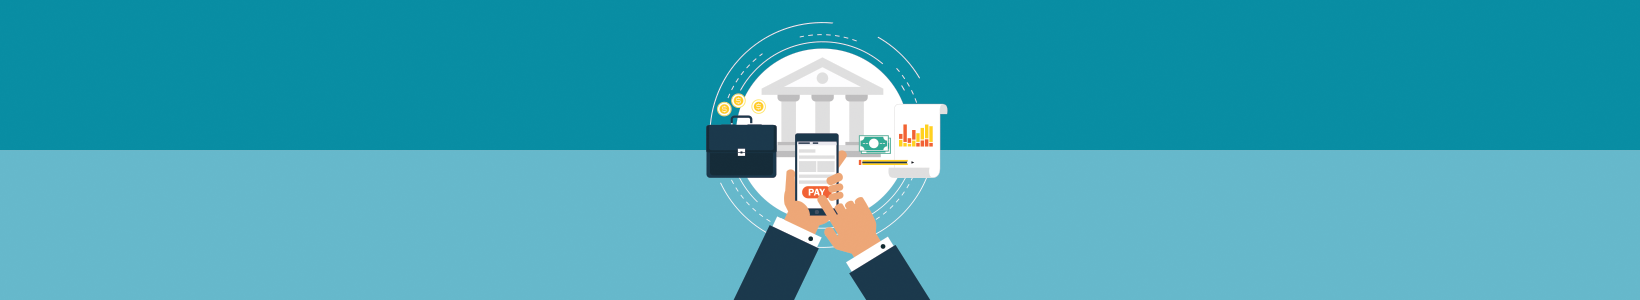 vergelijk-boekhoudpakketten-bankkoppeling